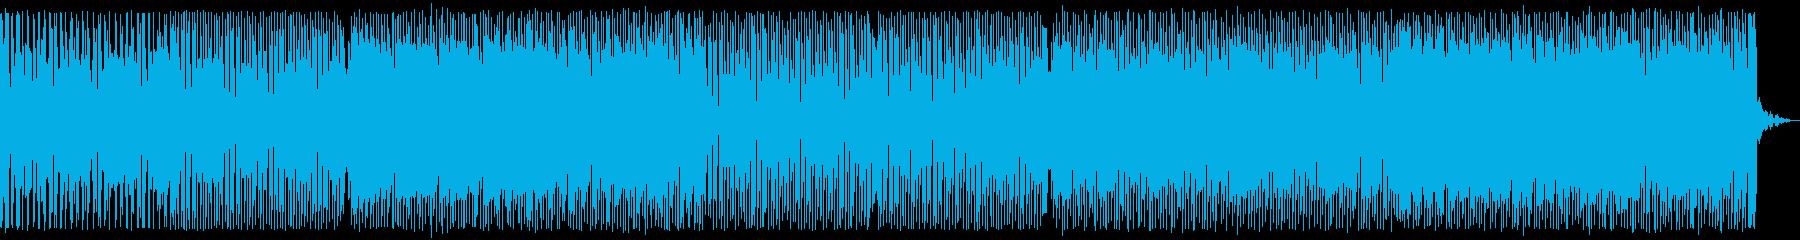 キラキラ。アパレル。ディスコ。の再生済みの波形